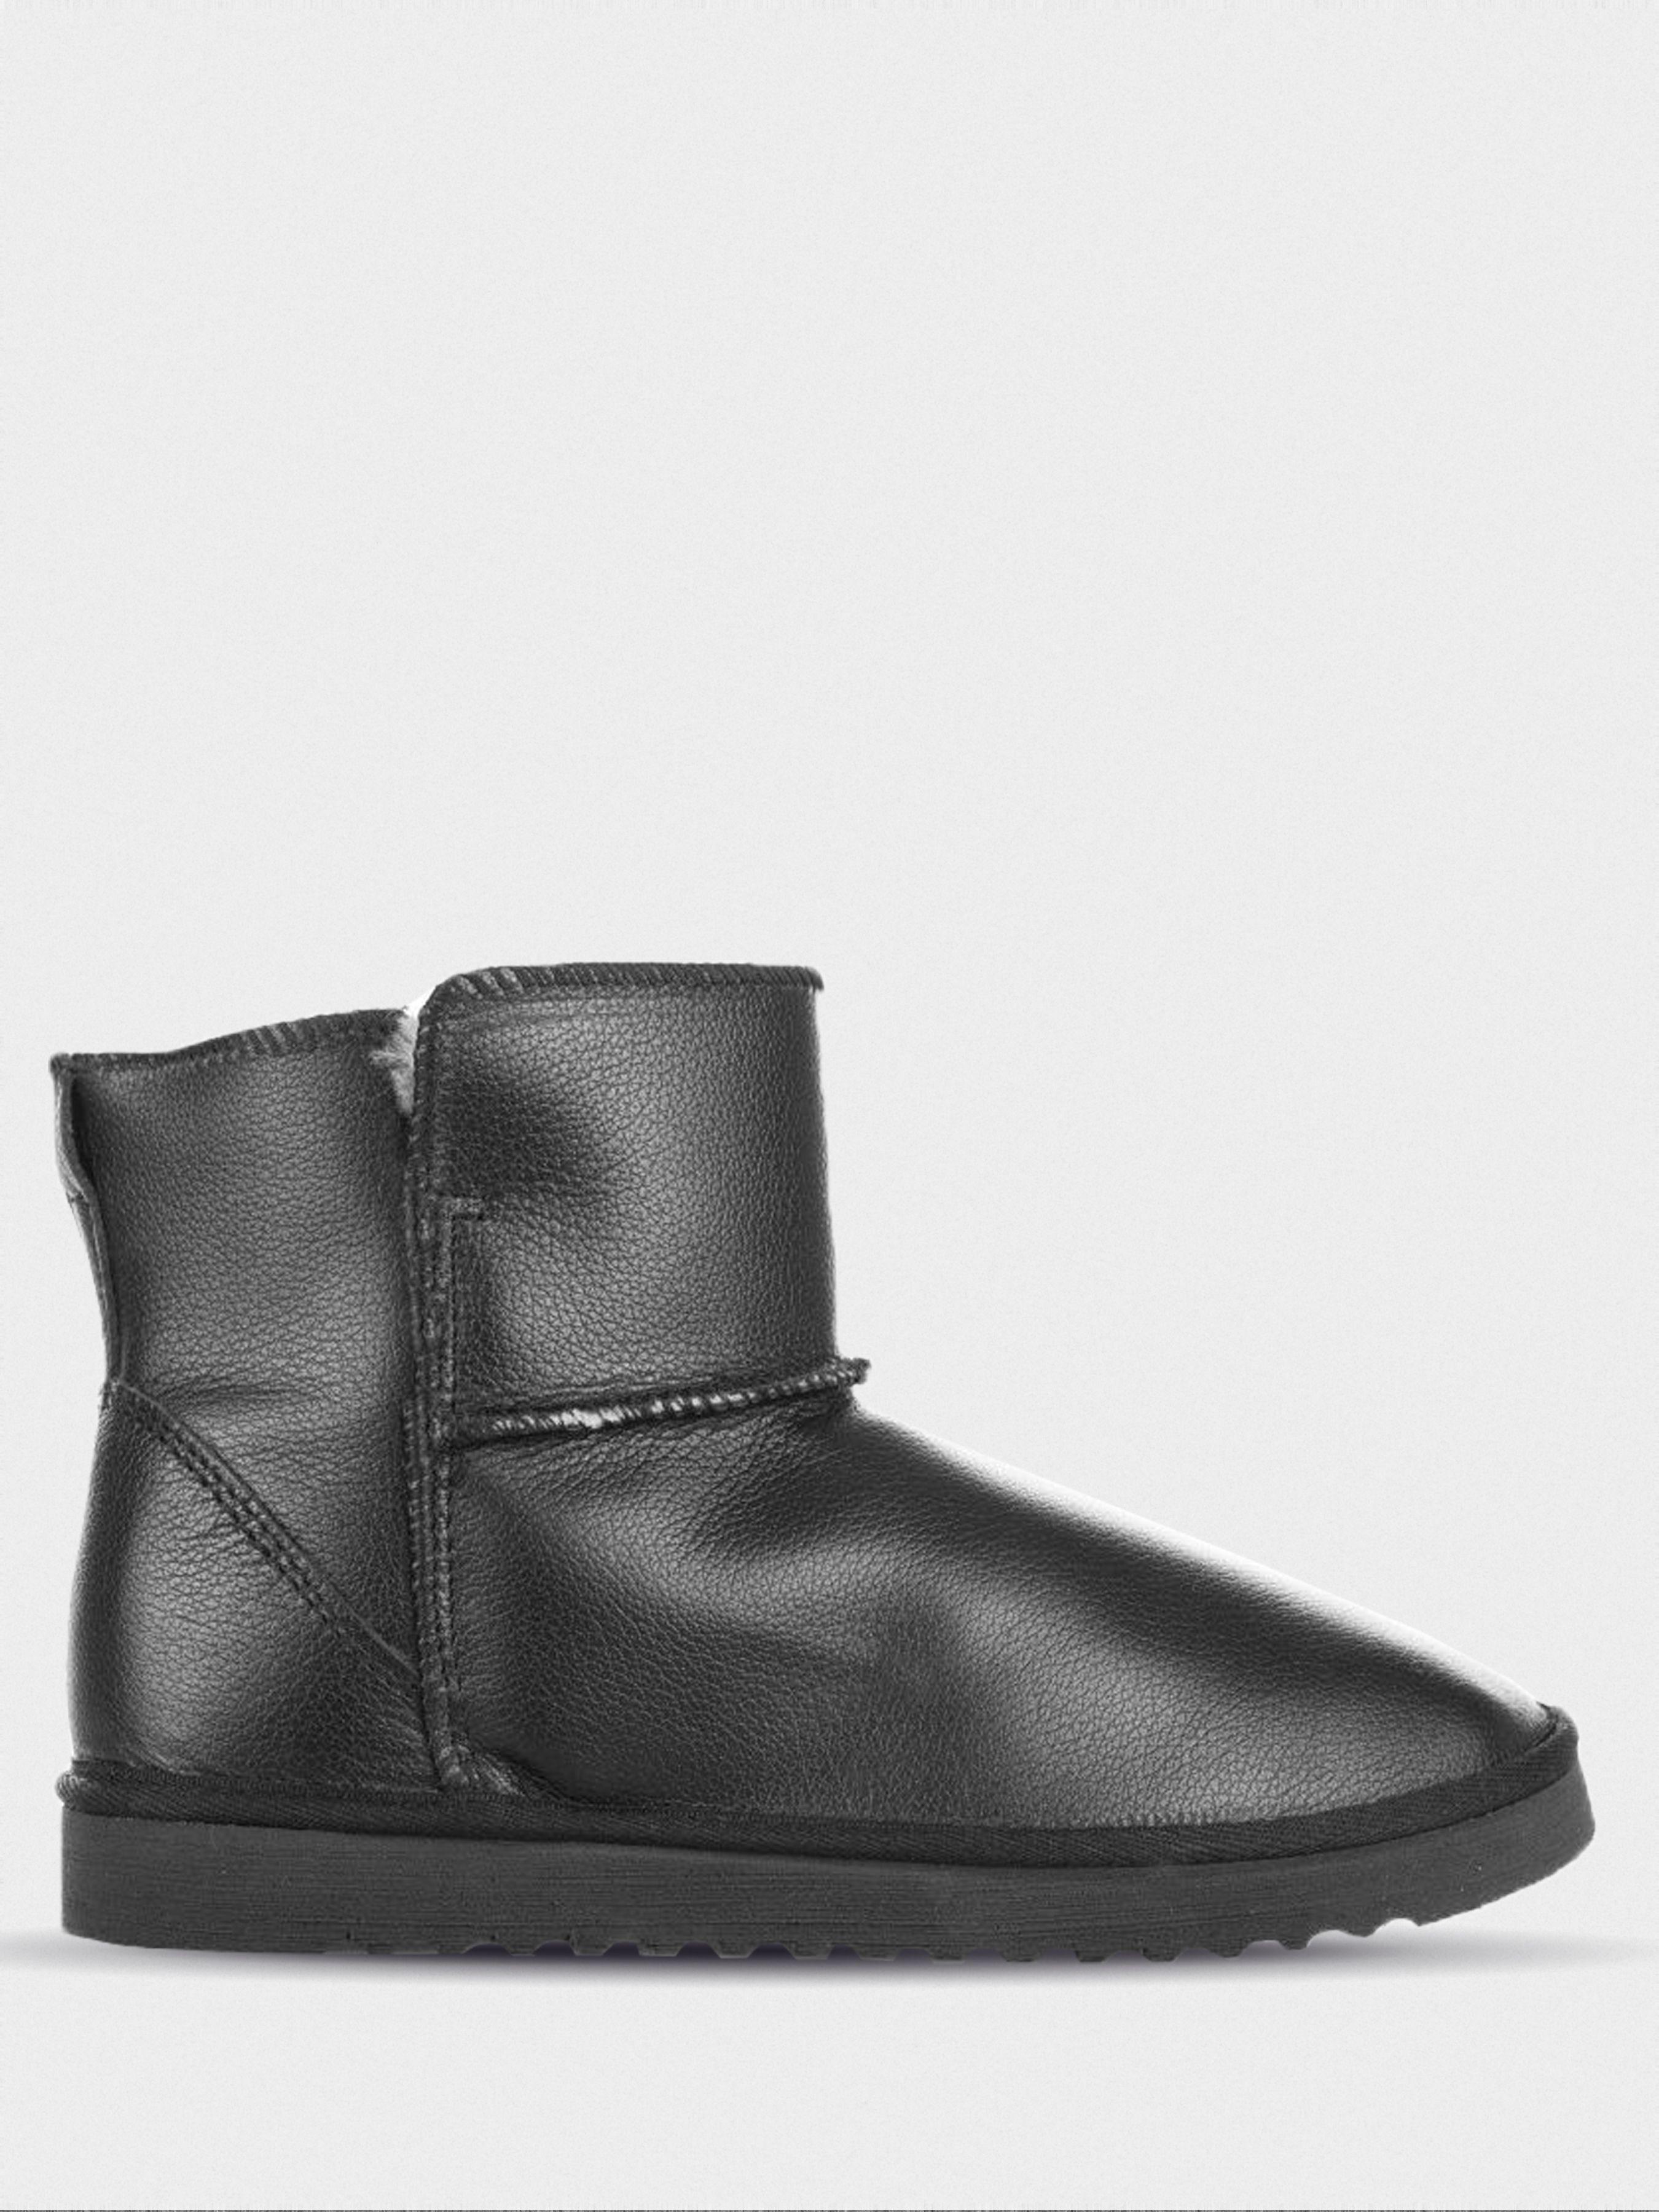 Ботинки женские Braska Inblu 2S19 размерная сетка обуви, 2017